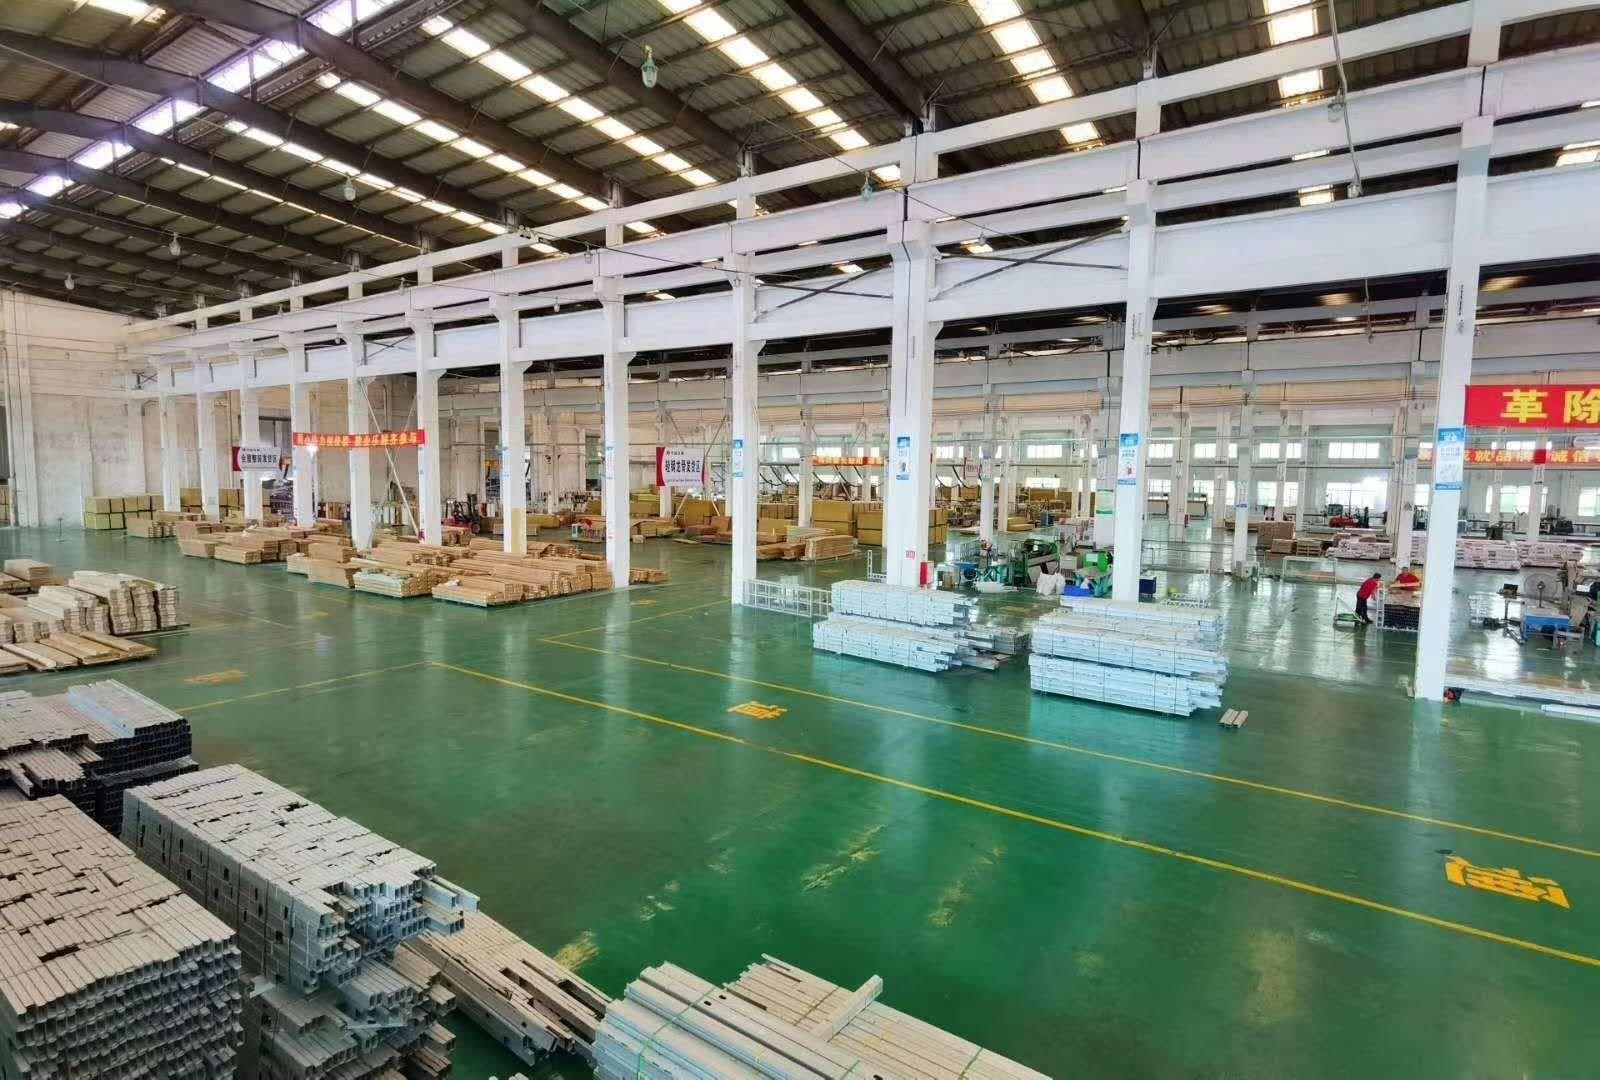 大泽镇高大上单一层厂房出租空地大成熟工业区好招工